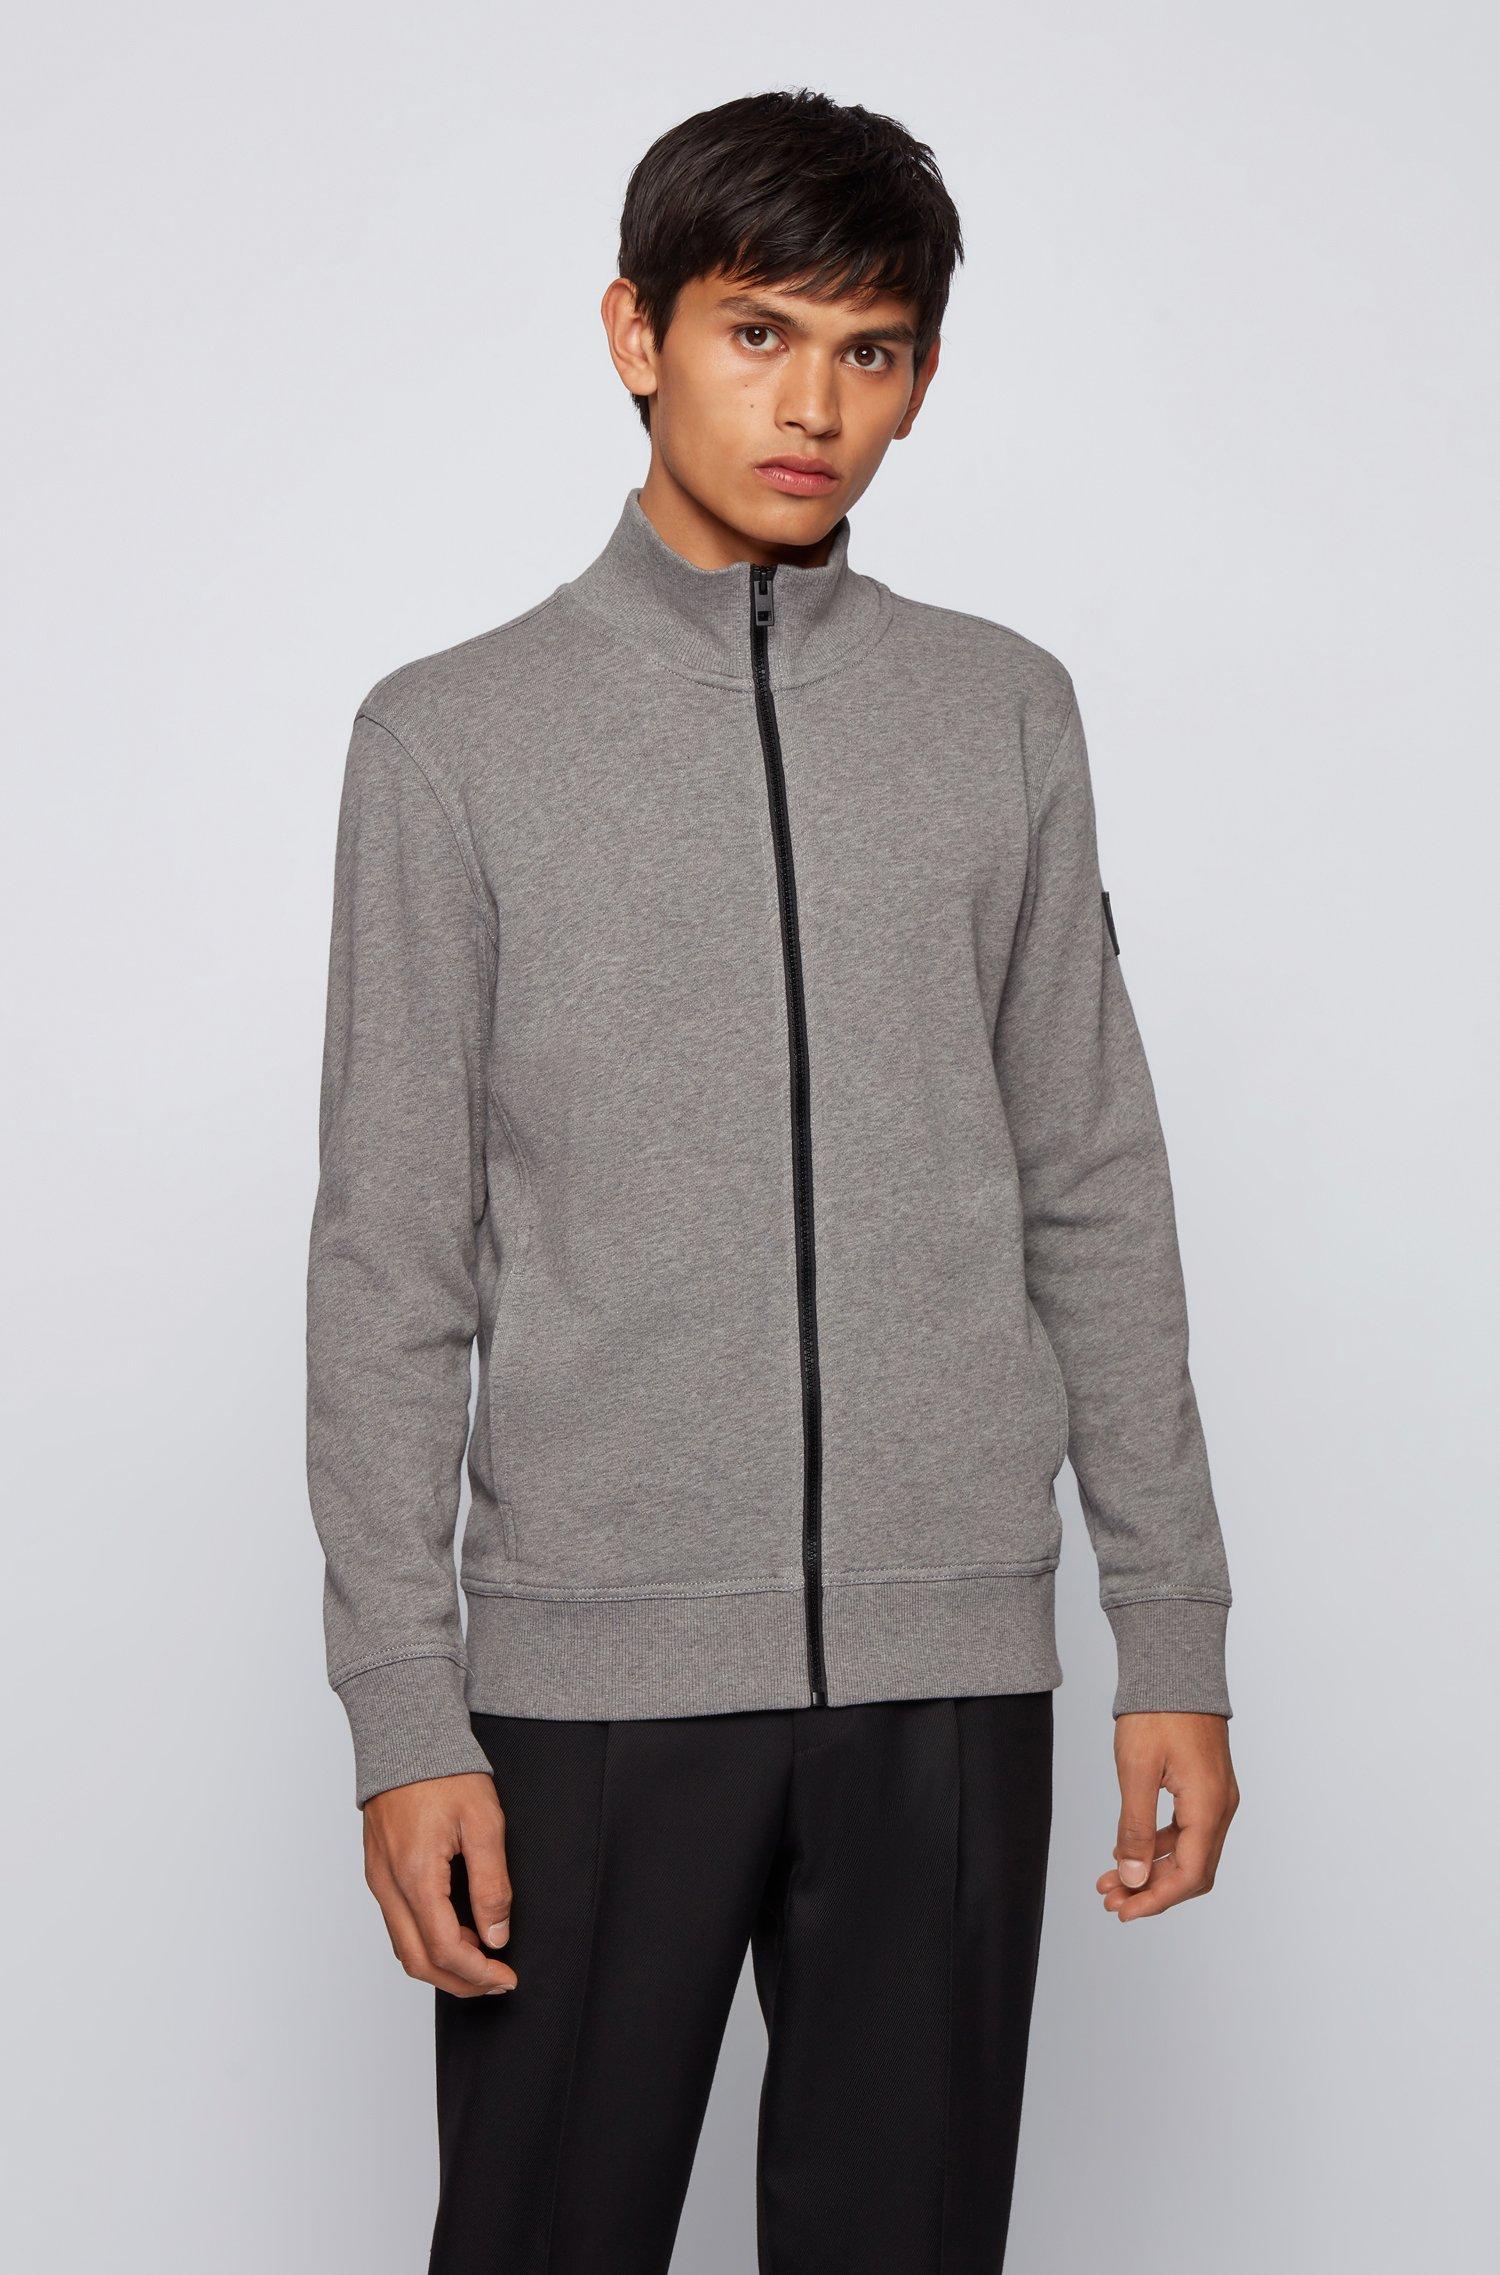 Jersey-Jacke aus afrikanischer Baumwolle, Hellgrau